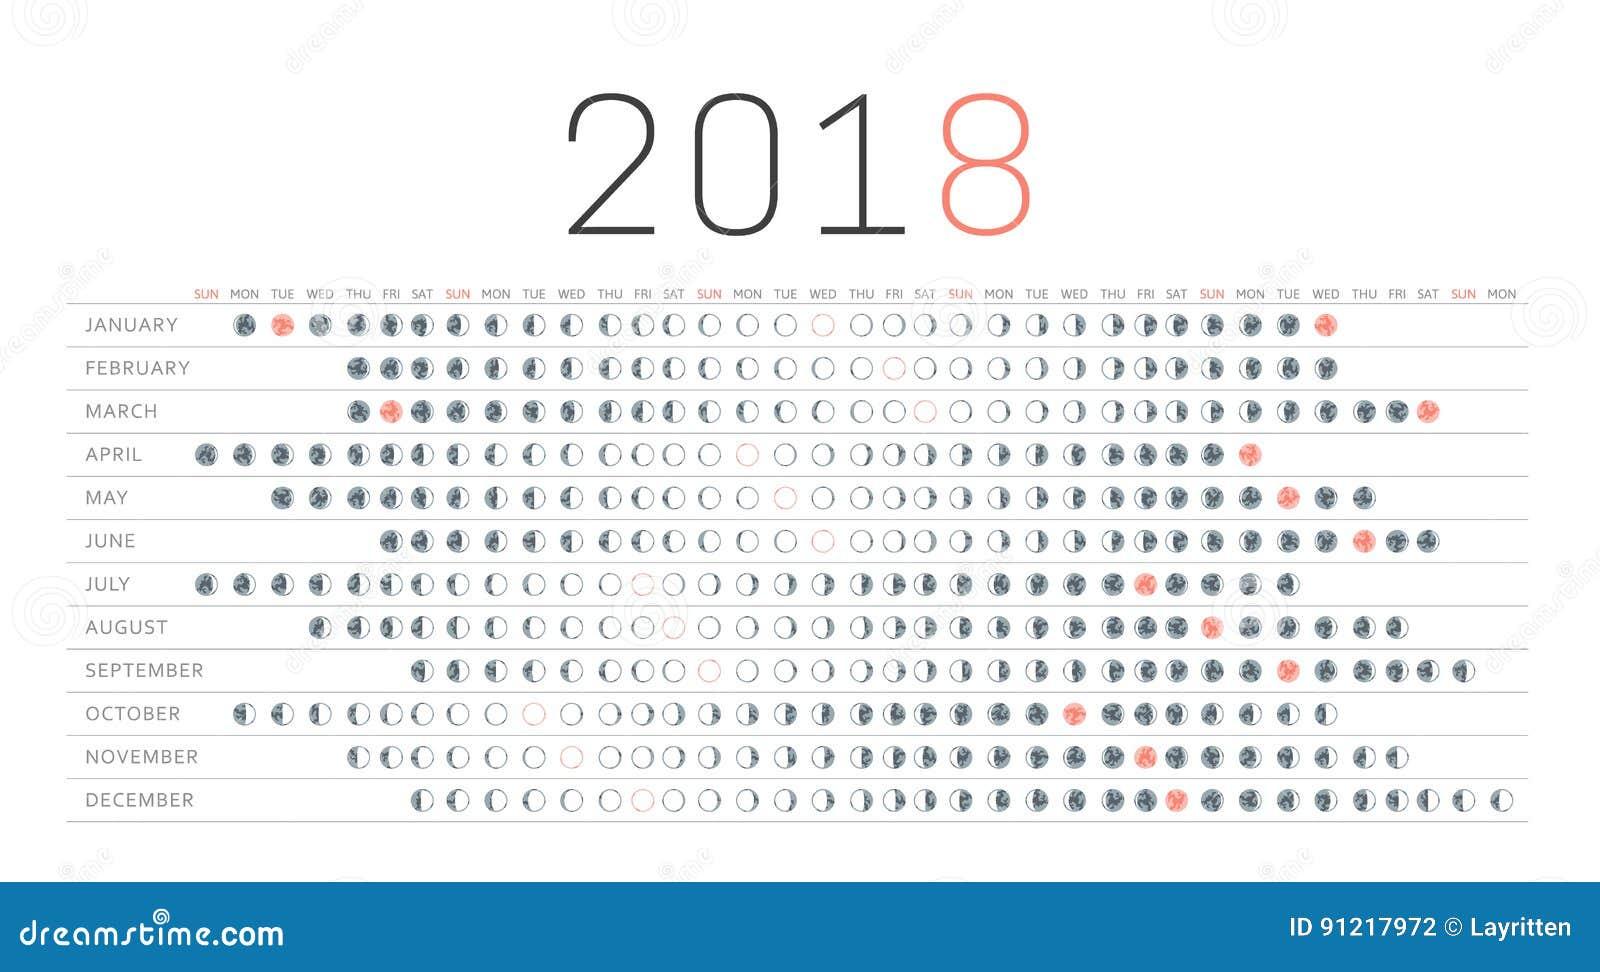 Calendario 2018 de la luna ilustraci n del vector for Almanaque de la luna